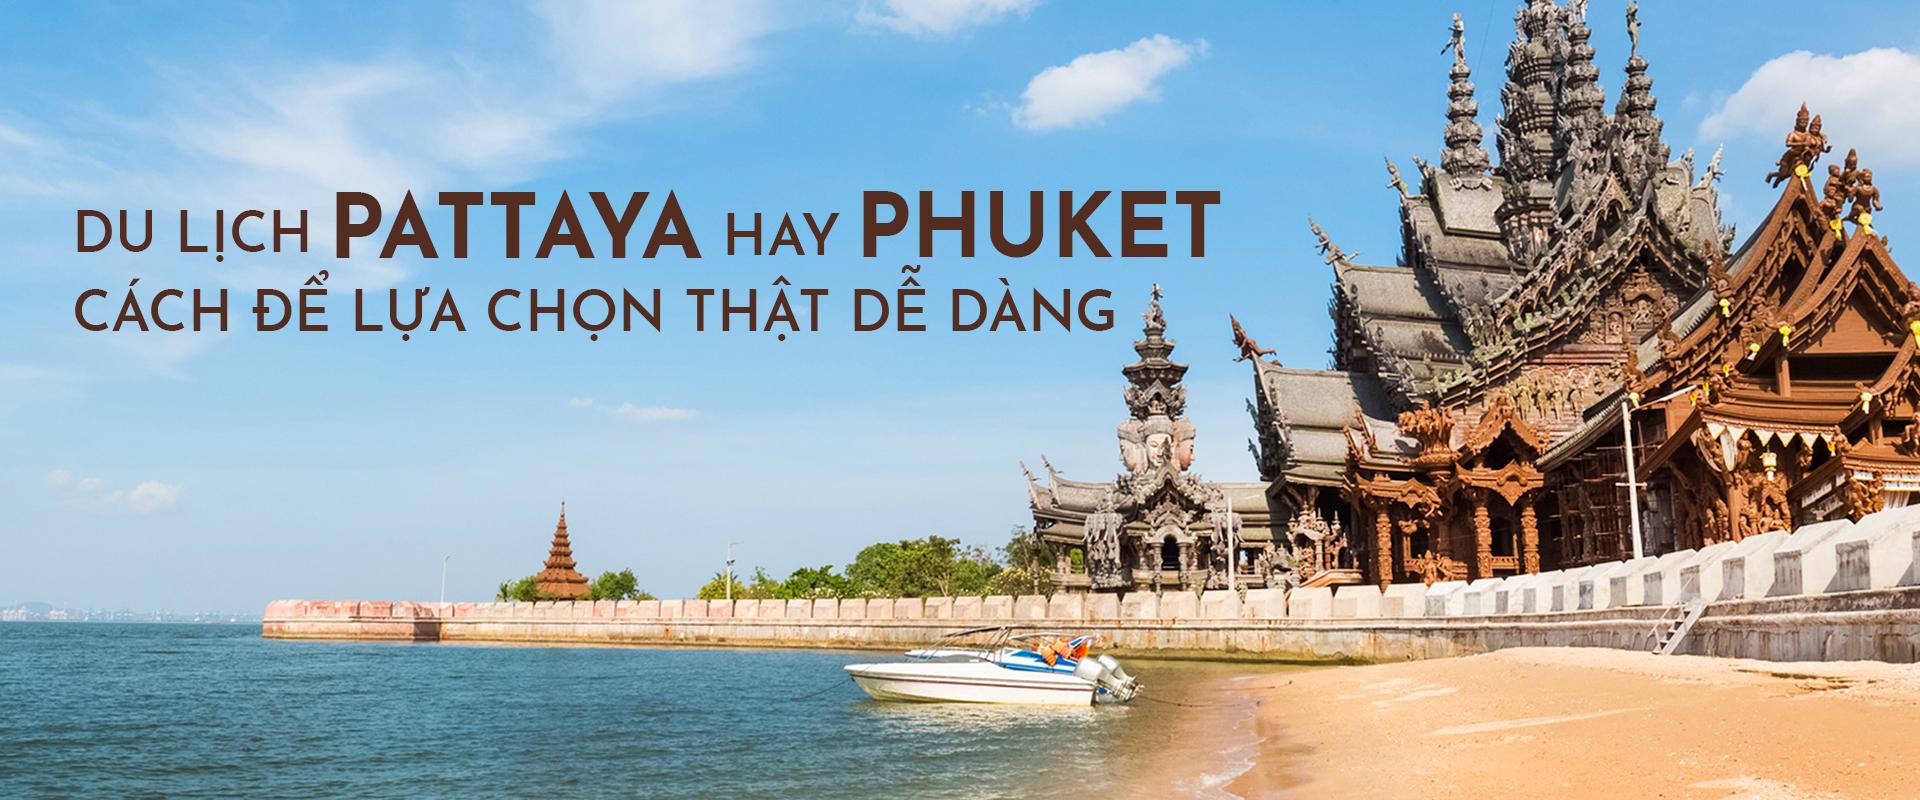 Du lịch Pattaya hay Phuket? Cách để lựa chọn thật dễ dàng